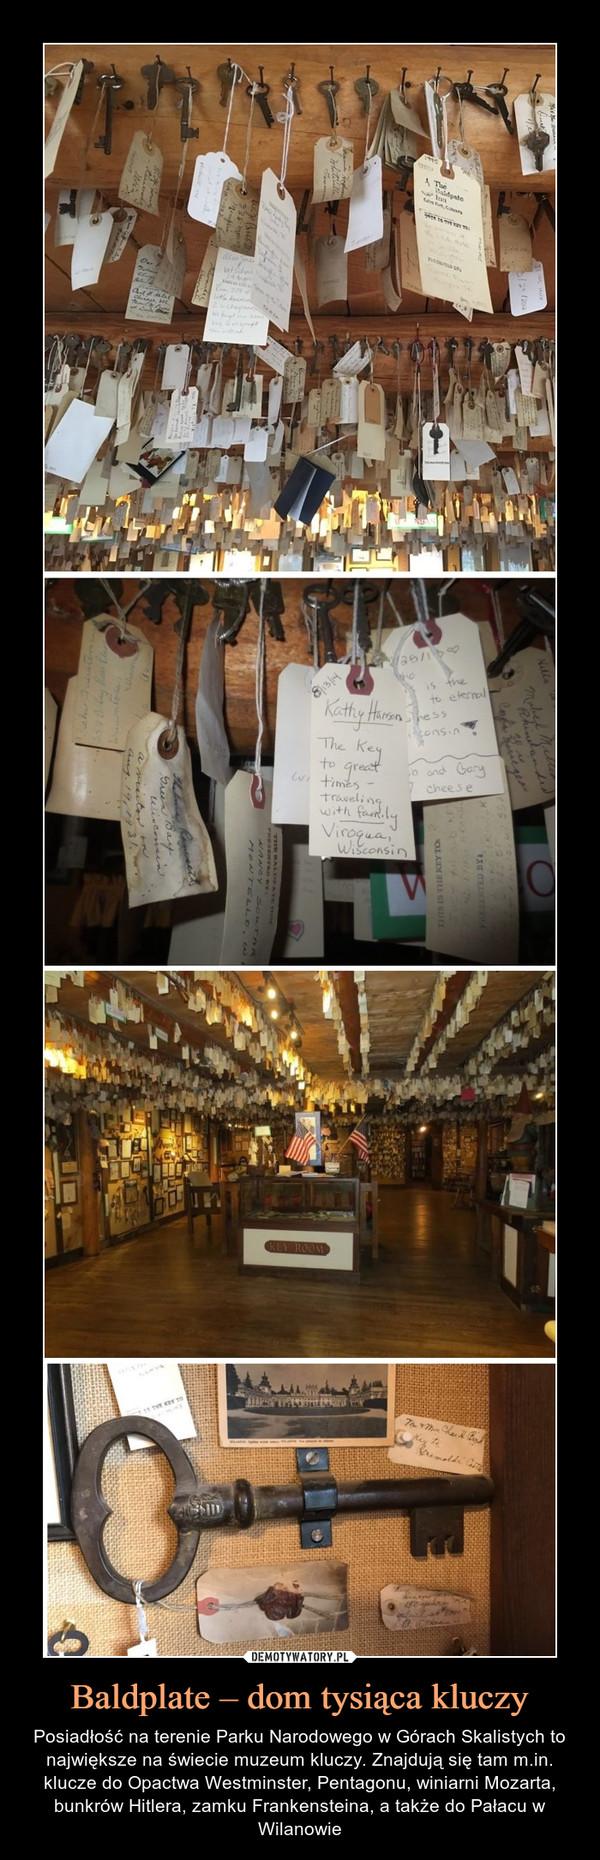 Baldplate – dom tysiąca kluczy – Posiadłość na terenie Parku Narodowego w Górach Skalistych to największe na świecie muzeum kluczy. Znajdują się tam m.in. klucze do Opactwa Westminster, Pentagonu, winiarni Mozarta, bunkrów Hitlera, zamku Frankensteina, a także do Pałacu w Wilanowie